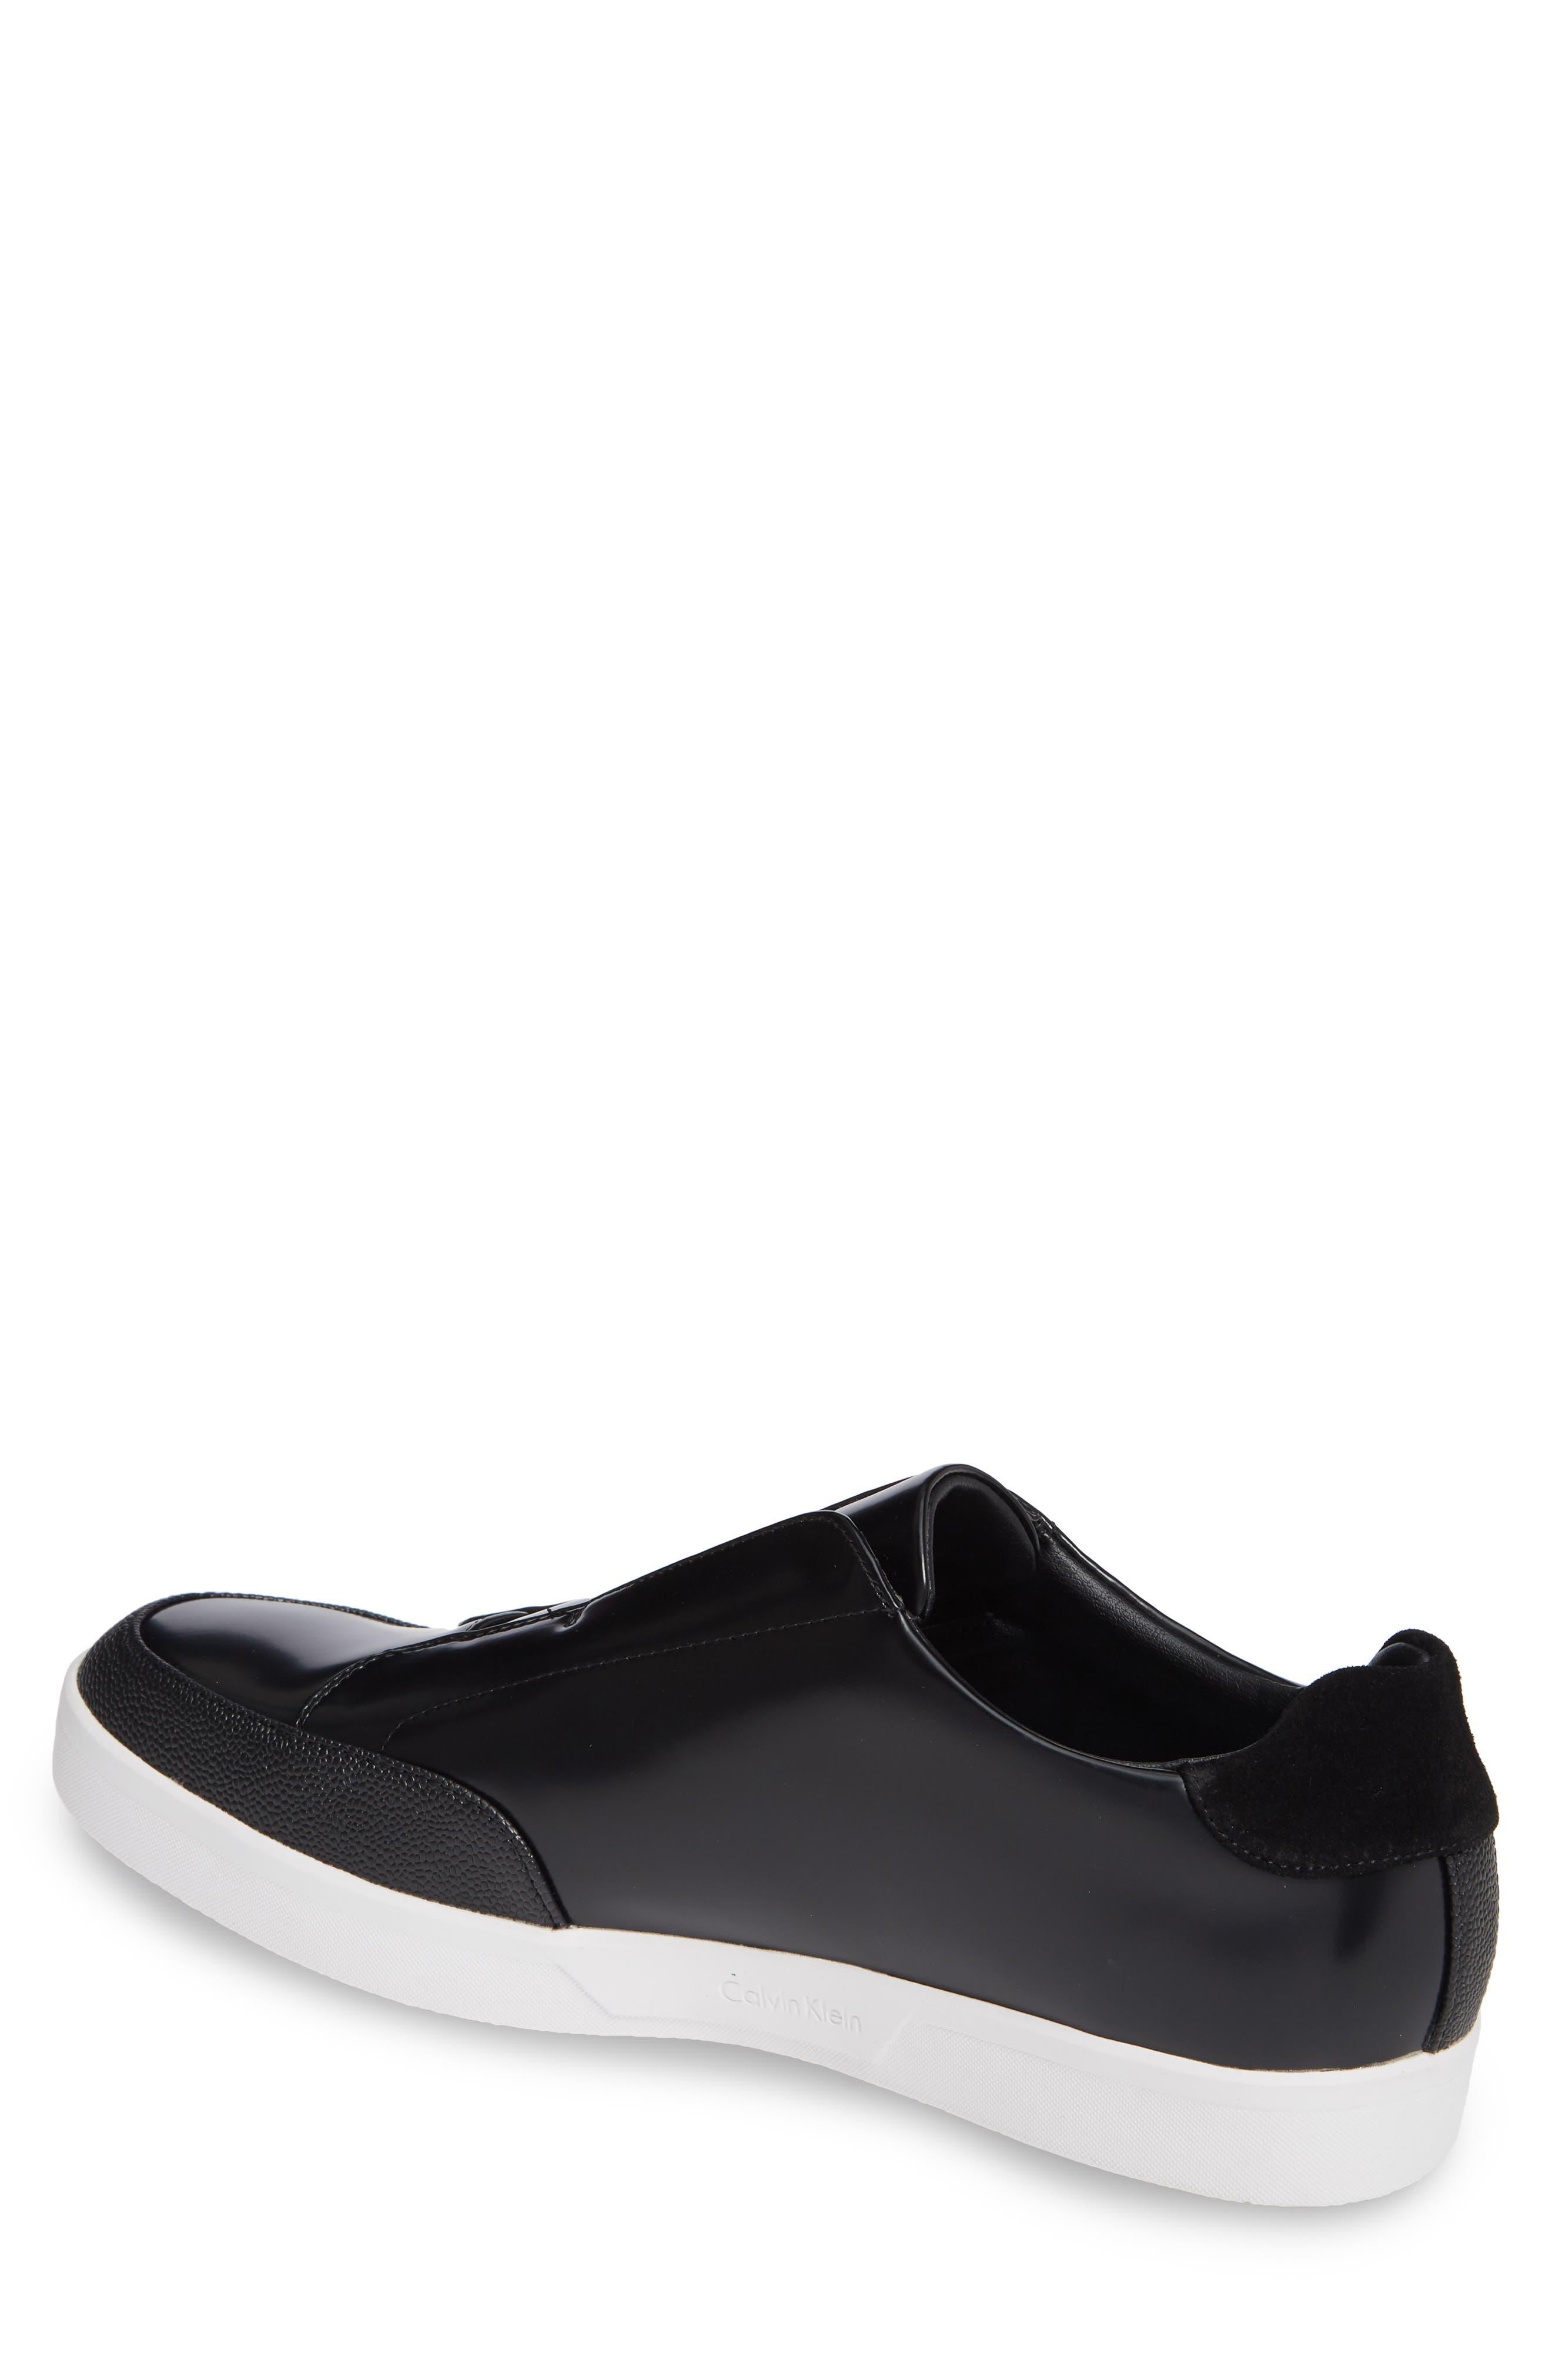 Immanuel Slip-On Sneaker,                             Alternate thumbnail 2, color,                             BLACK LEATHER